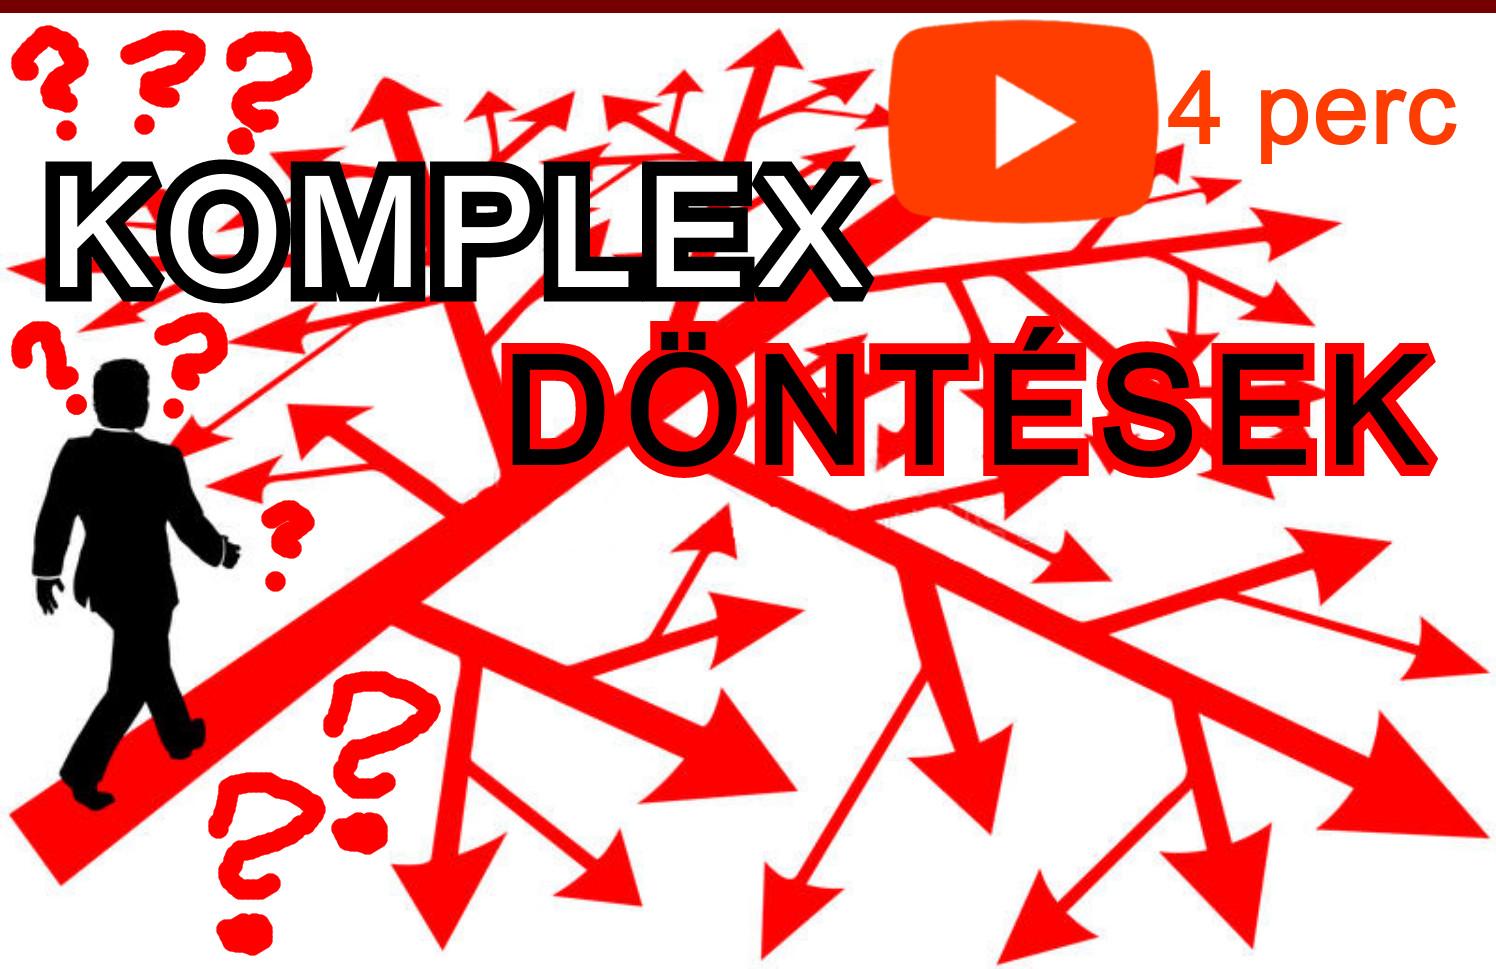 A nehéz döntések probléma megoldása videó